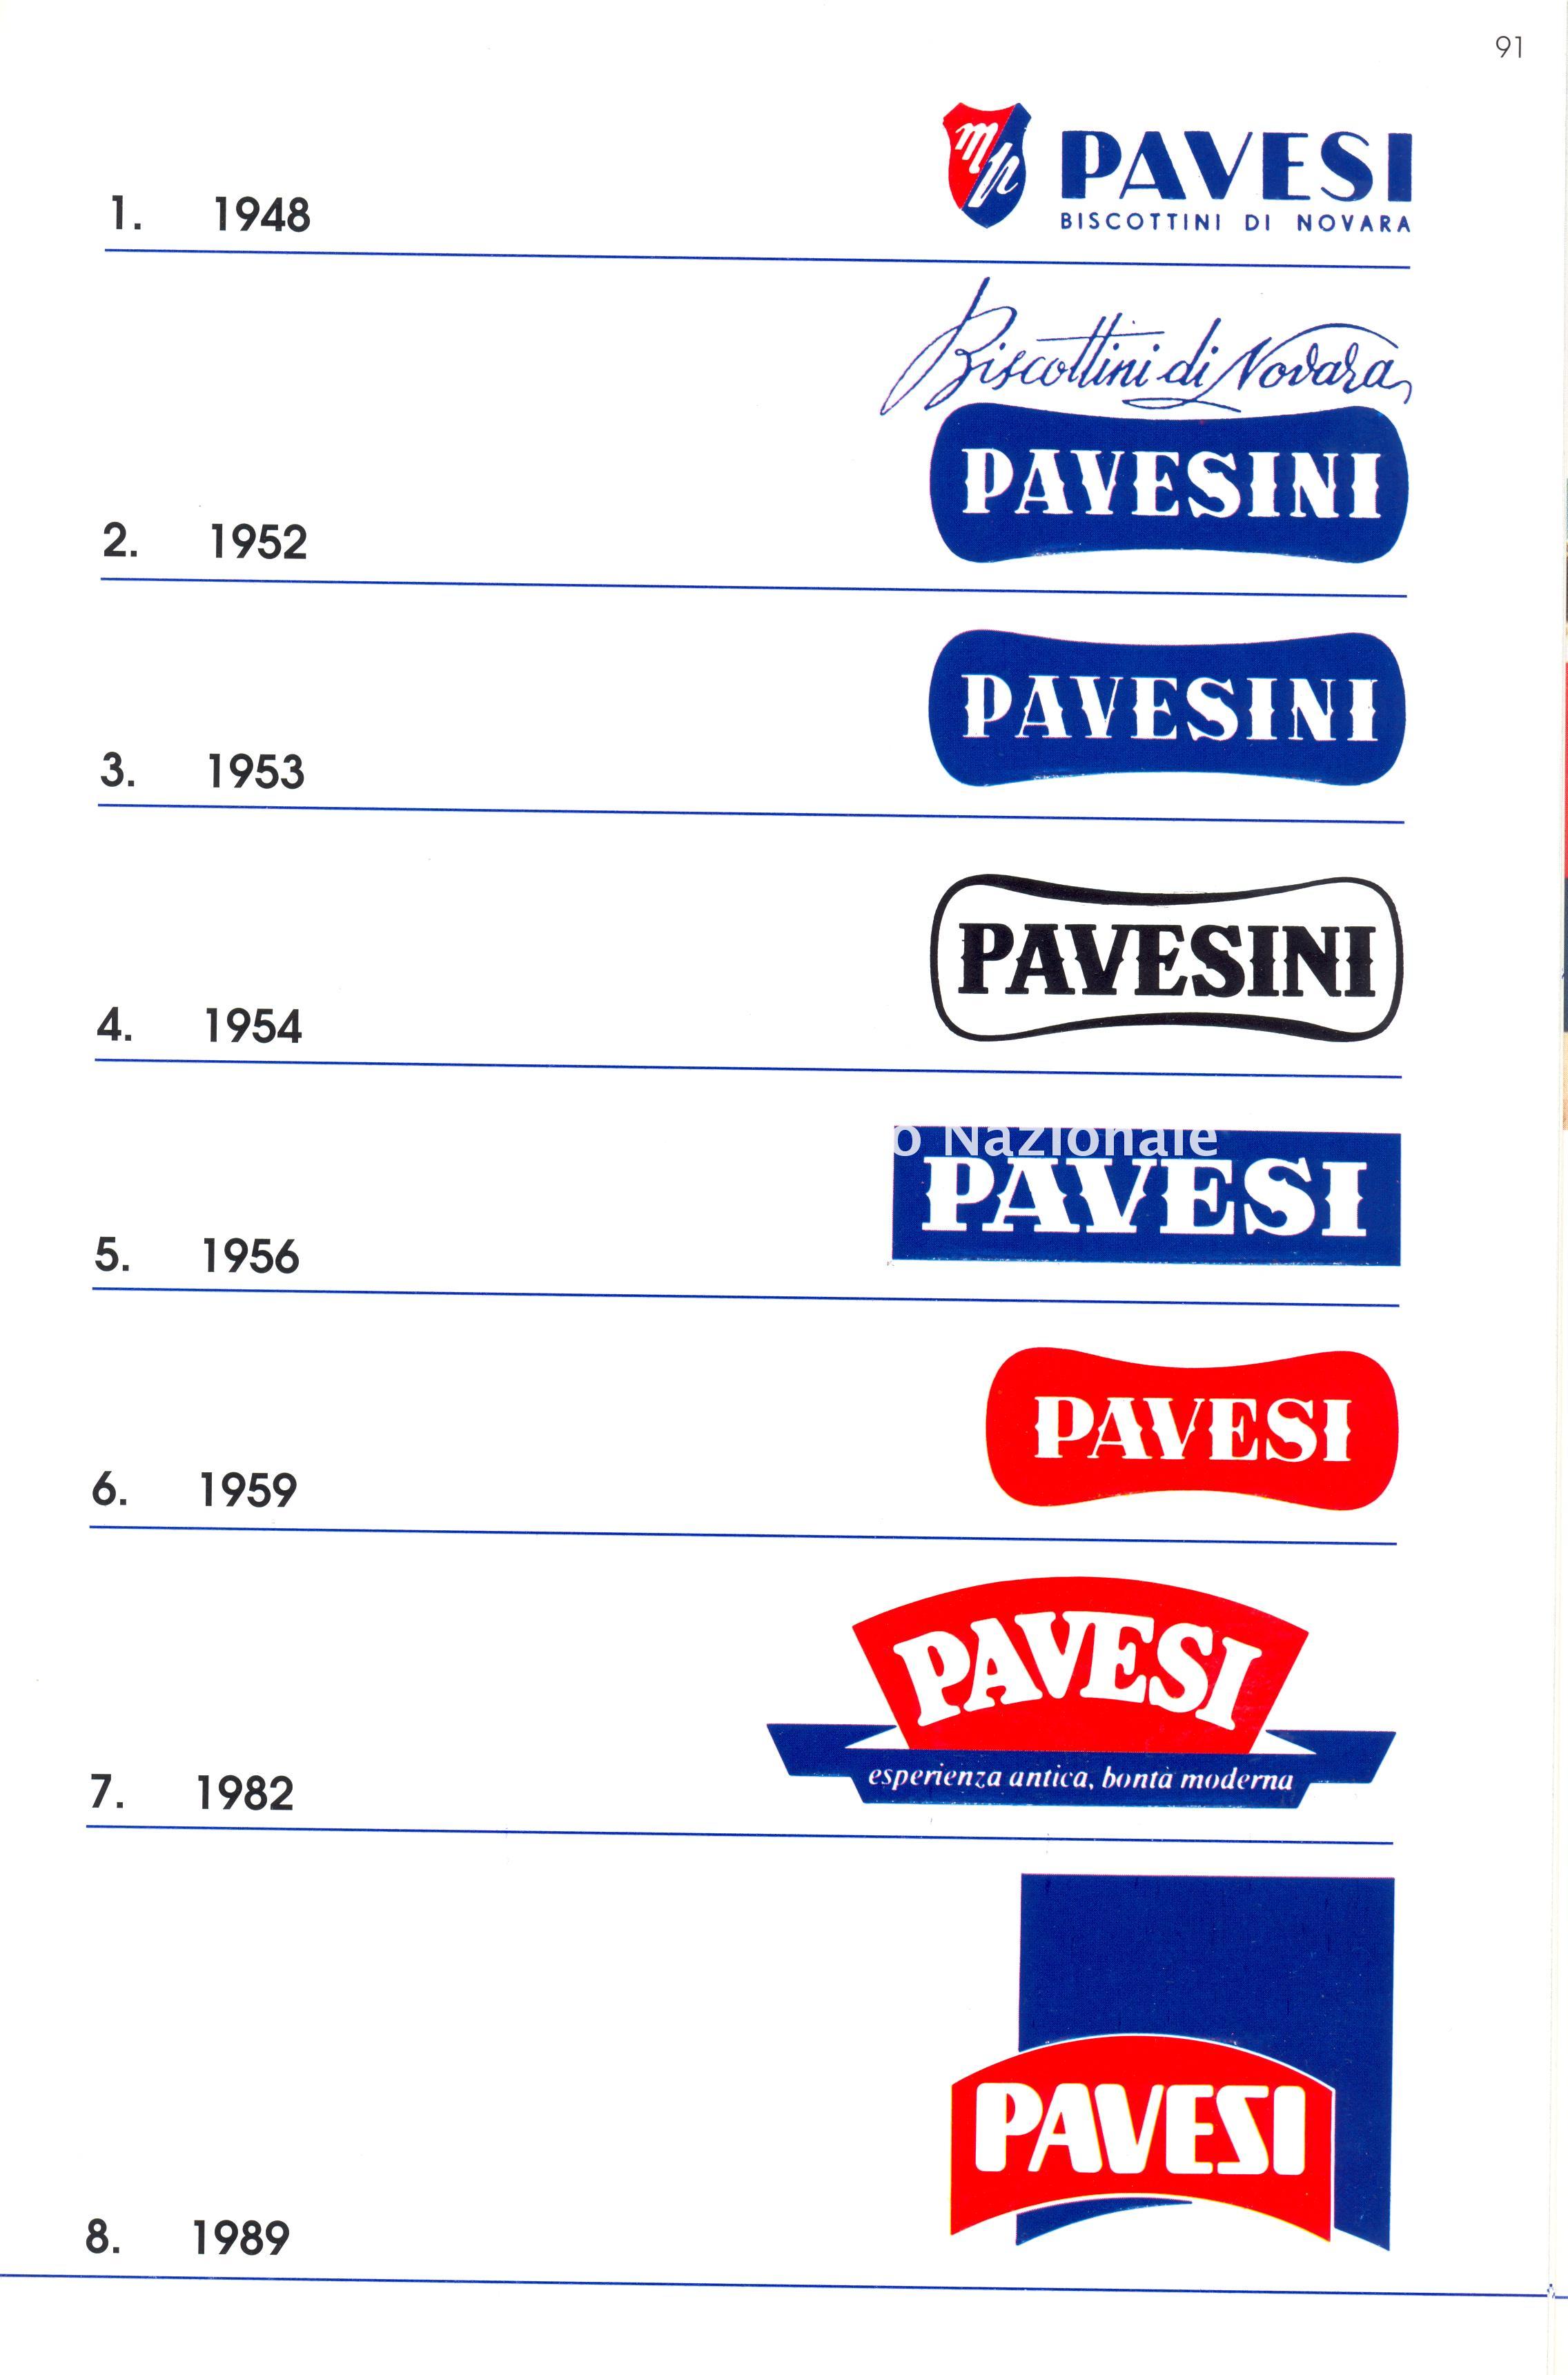 Storia Evoluzione Marchio Pavesi